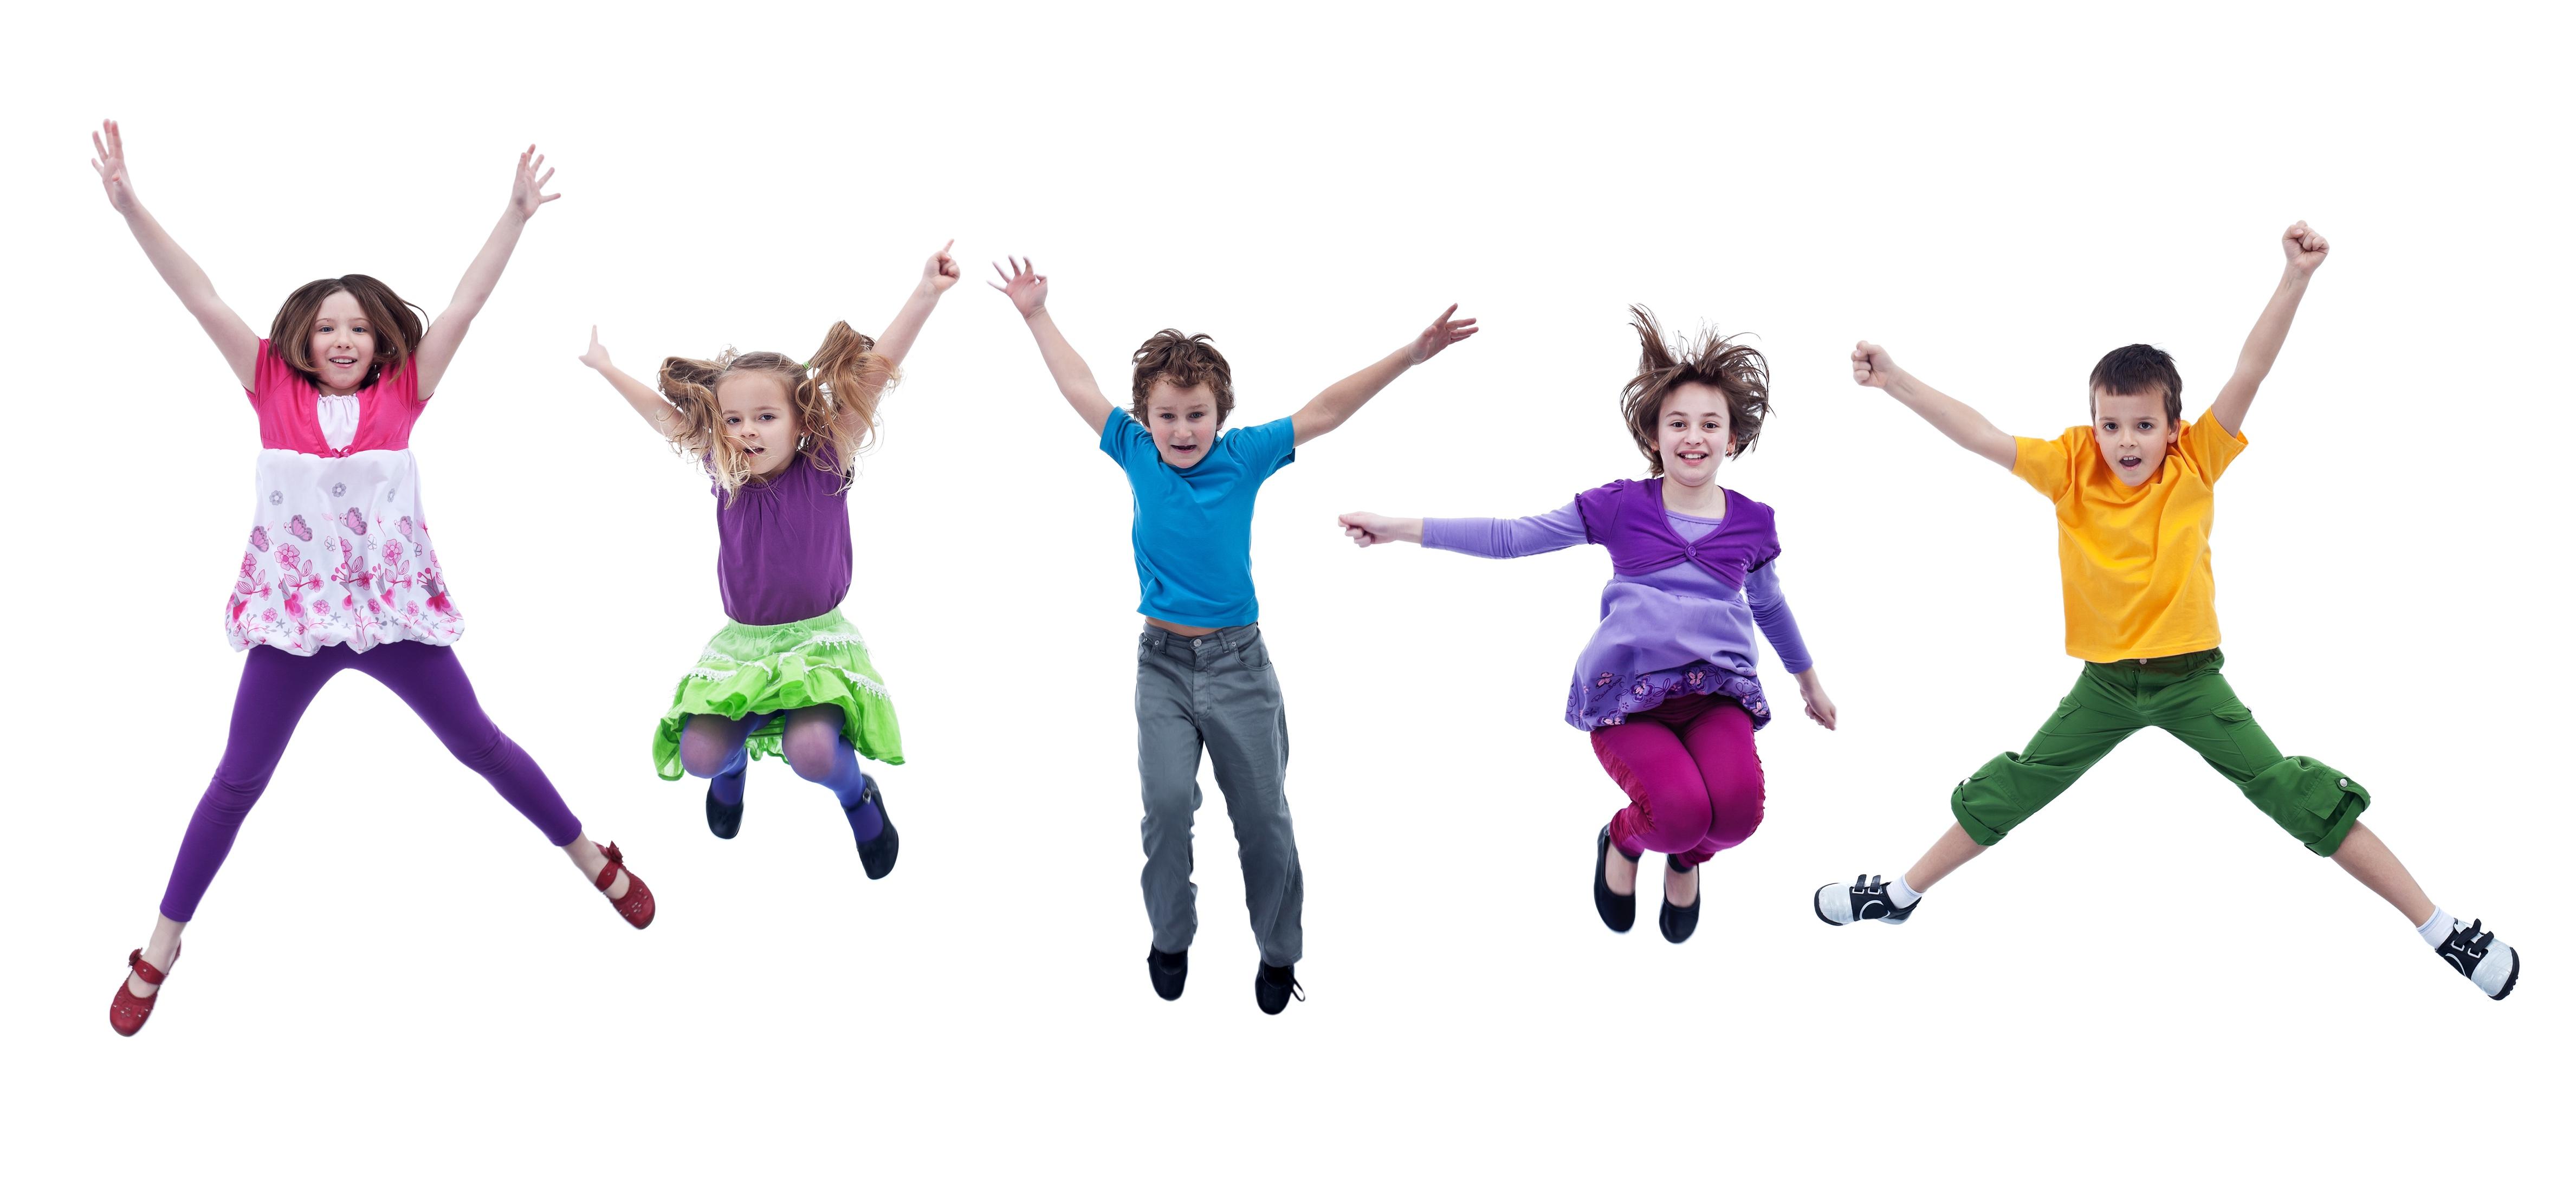 10 cool websites with STEM activities for kids | Bricks 4 Kidz ...